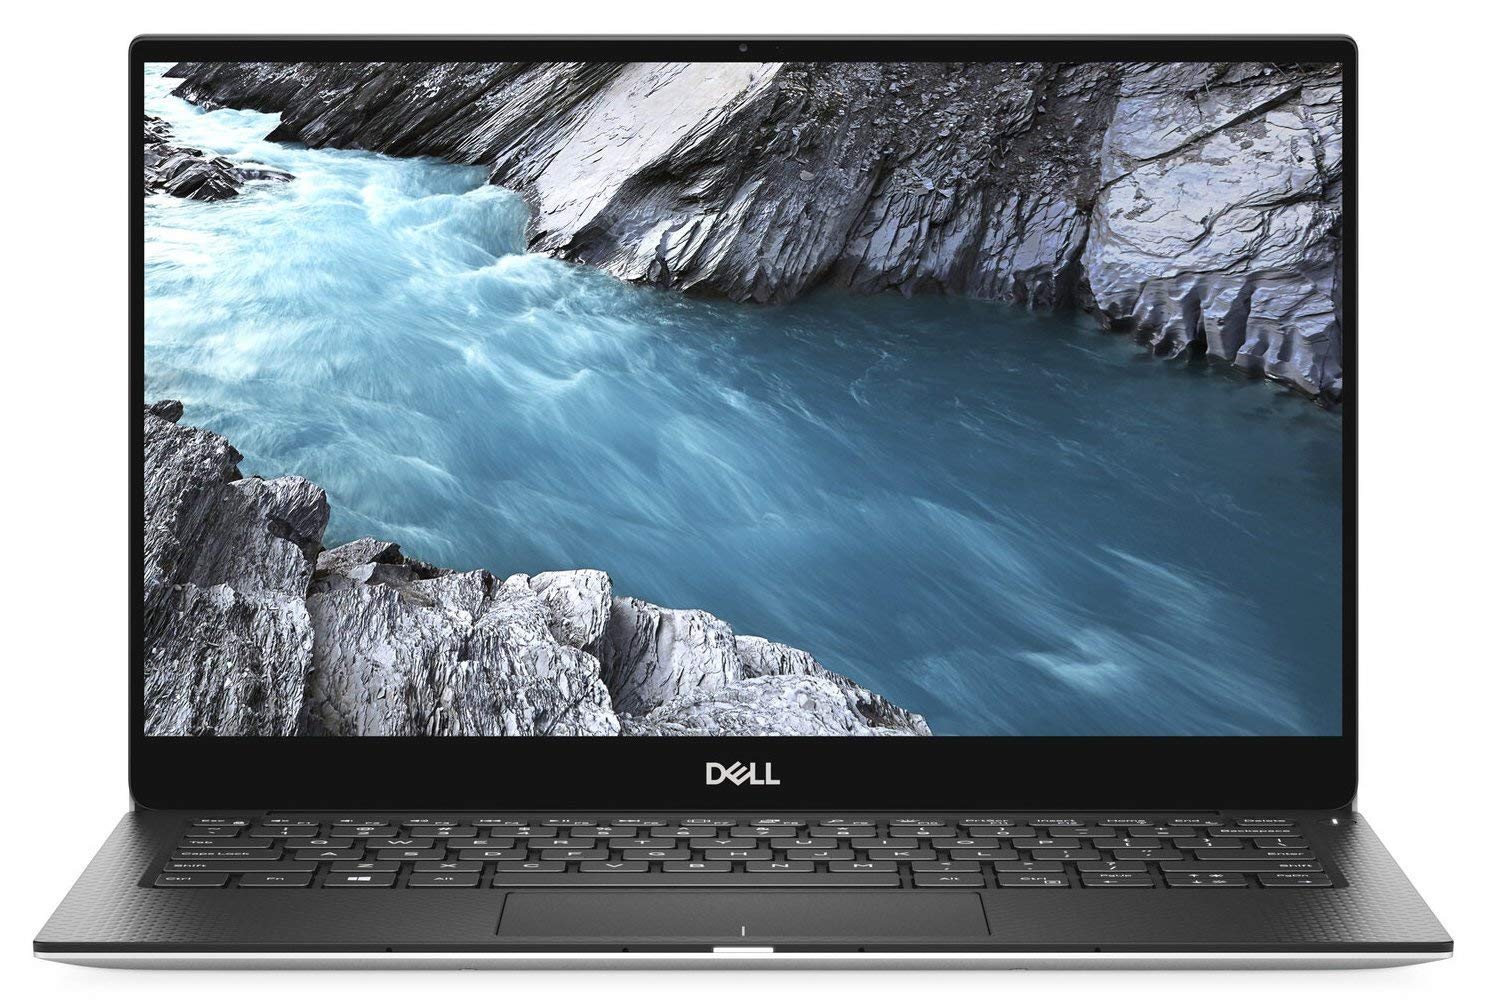 Ultrabook Dell XPS 13 9380 13.3 Ultra HD Touch Intel Core i7-8565U RAM 16GB SSD 512GB Windows 10 Pro Argintiu